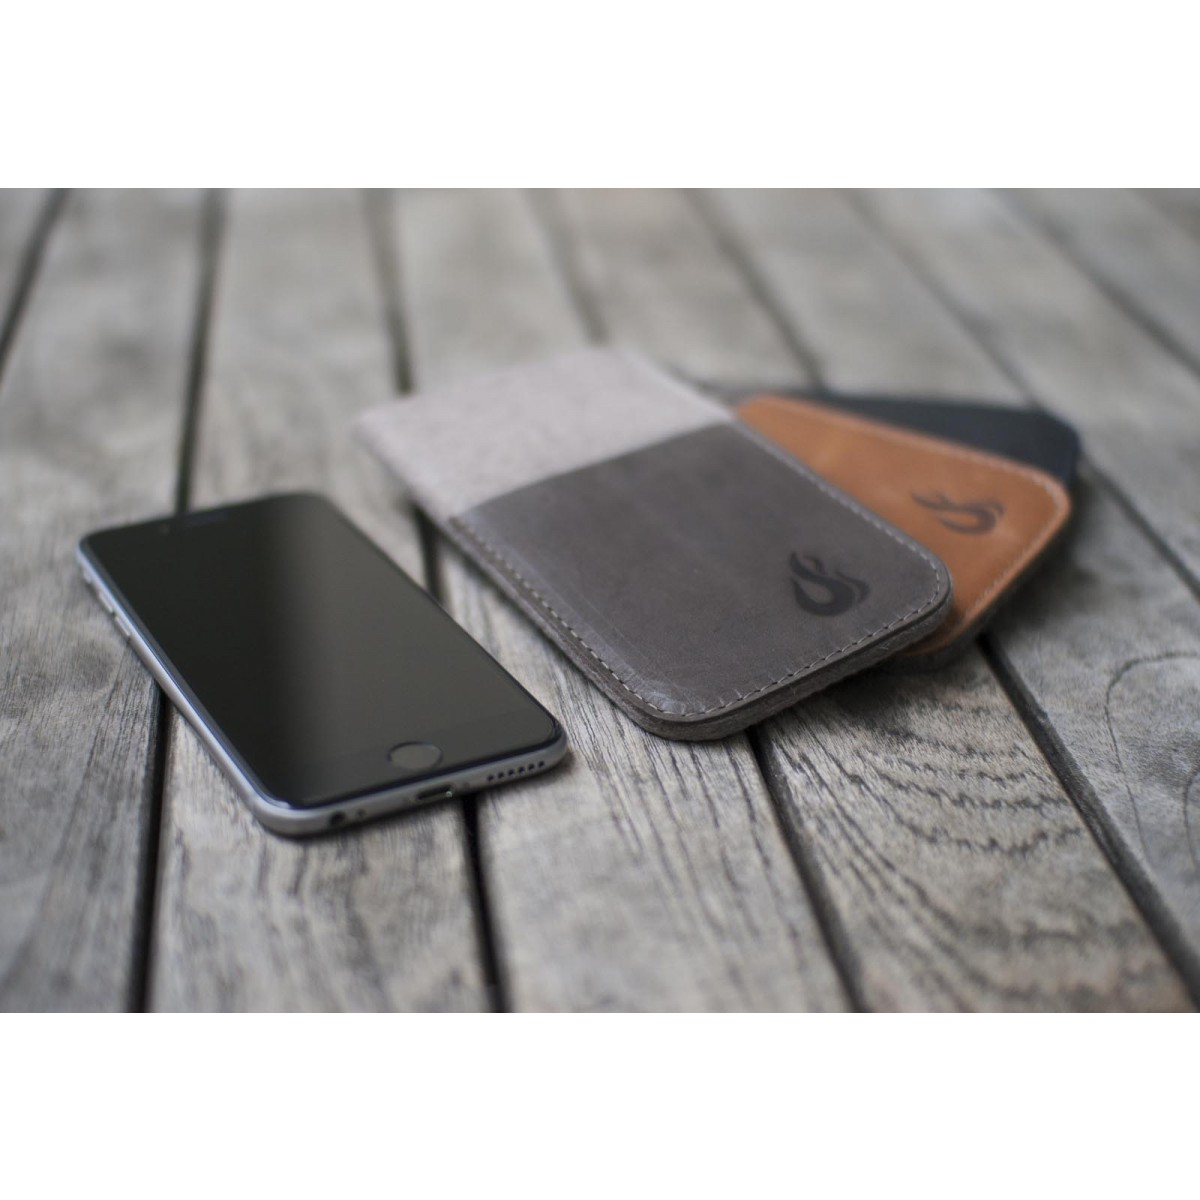 Hülle für iPhone 7 / iPhone 8 - pebble/darkbrown (Filz und Leder) - Burning Love